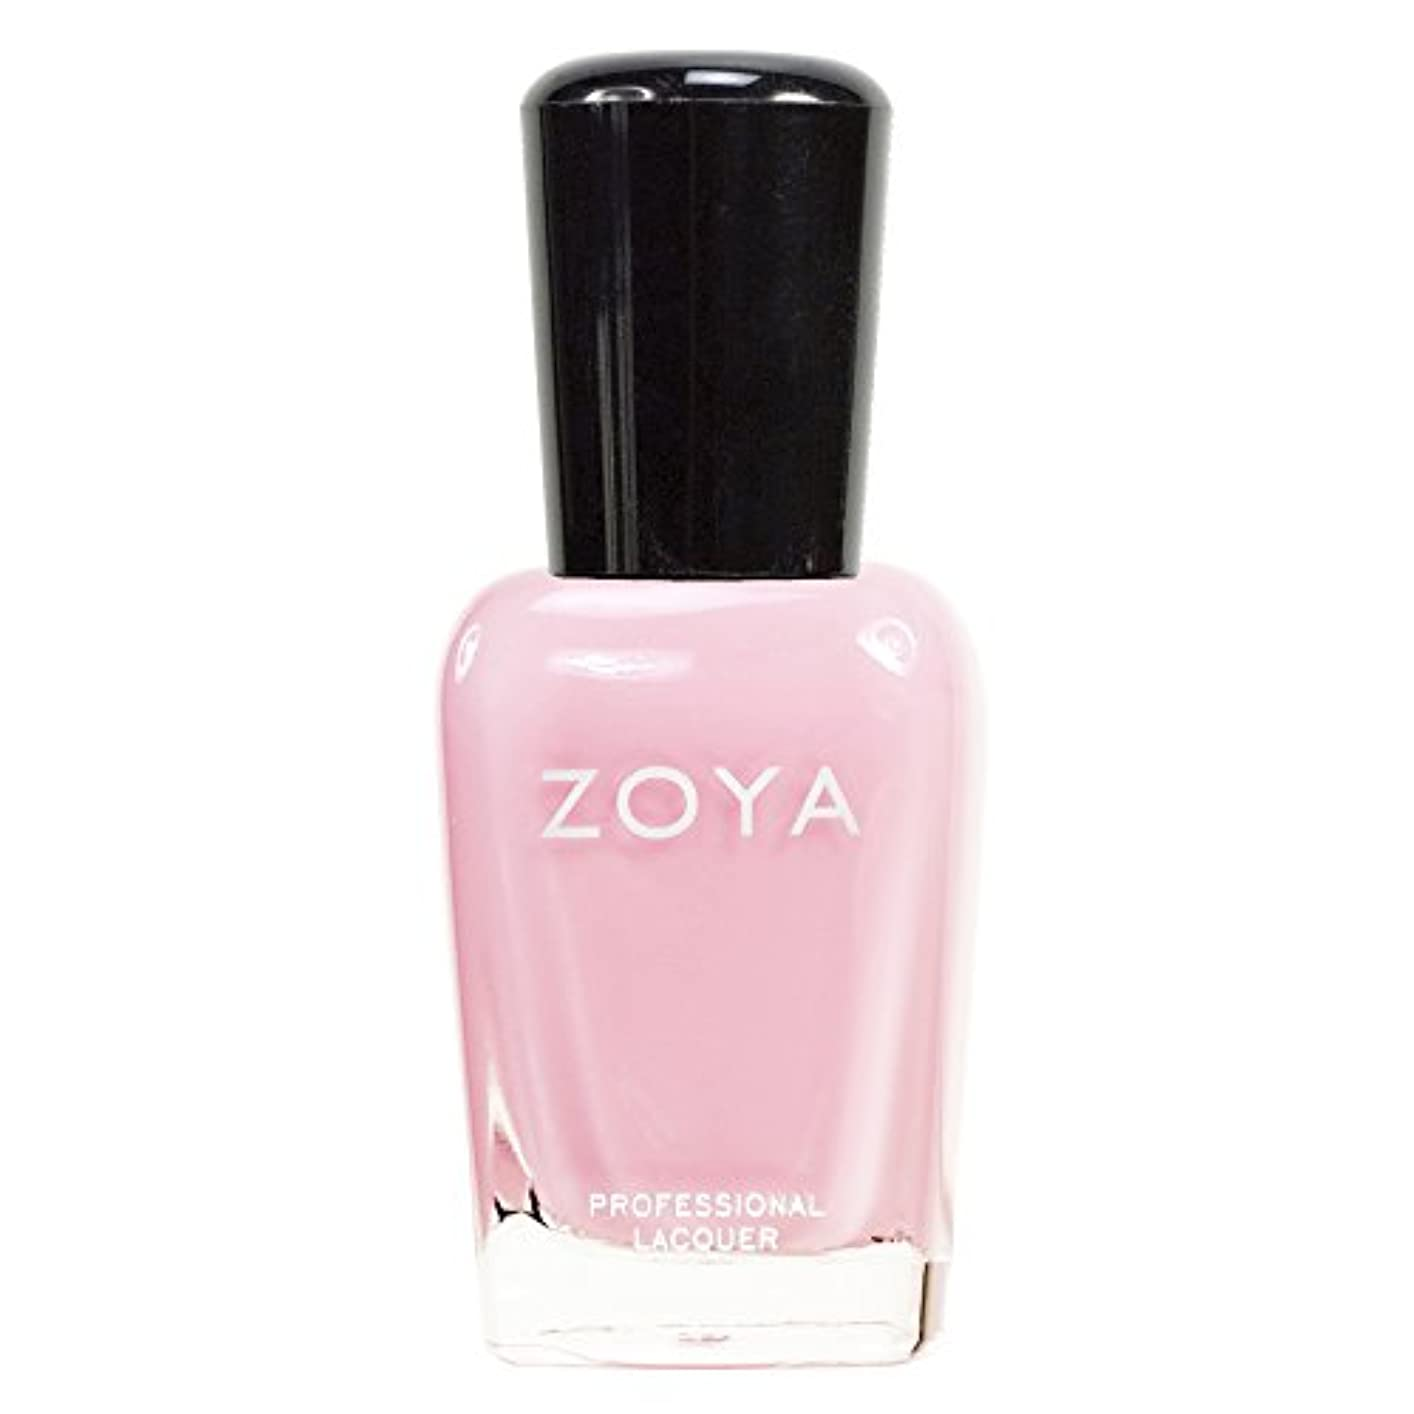 徹底ペグ女王ZOYA ゾーヤ ネイルカラーZP315 BELA ベラ 15ml 淡く優しいクリーミーなピンク マット 爪にやさしいネイルラッカーマニキュア